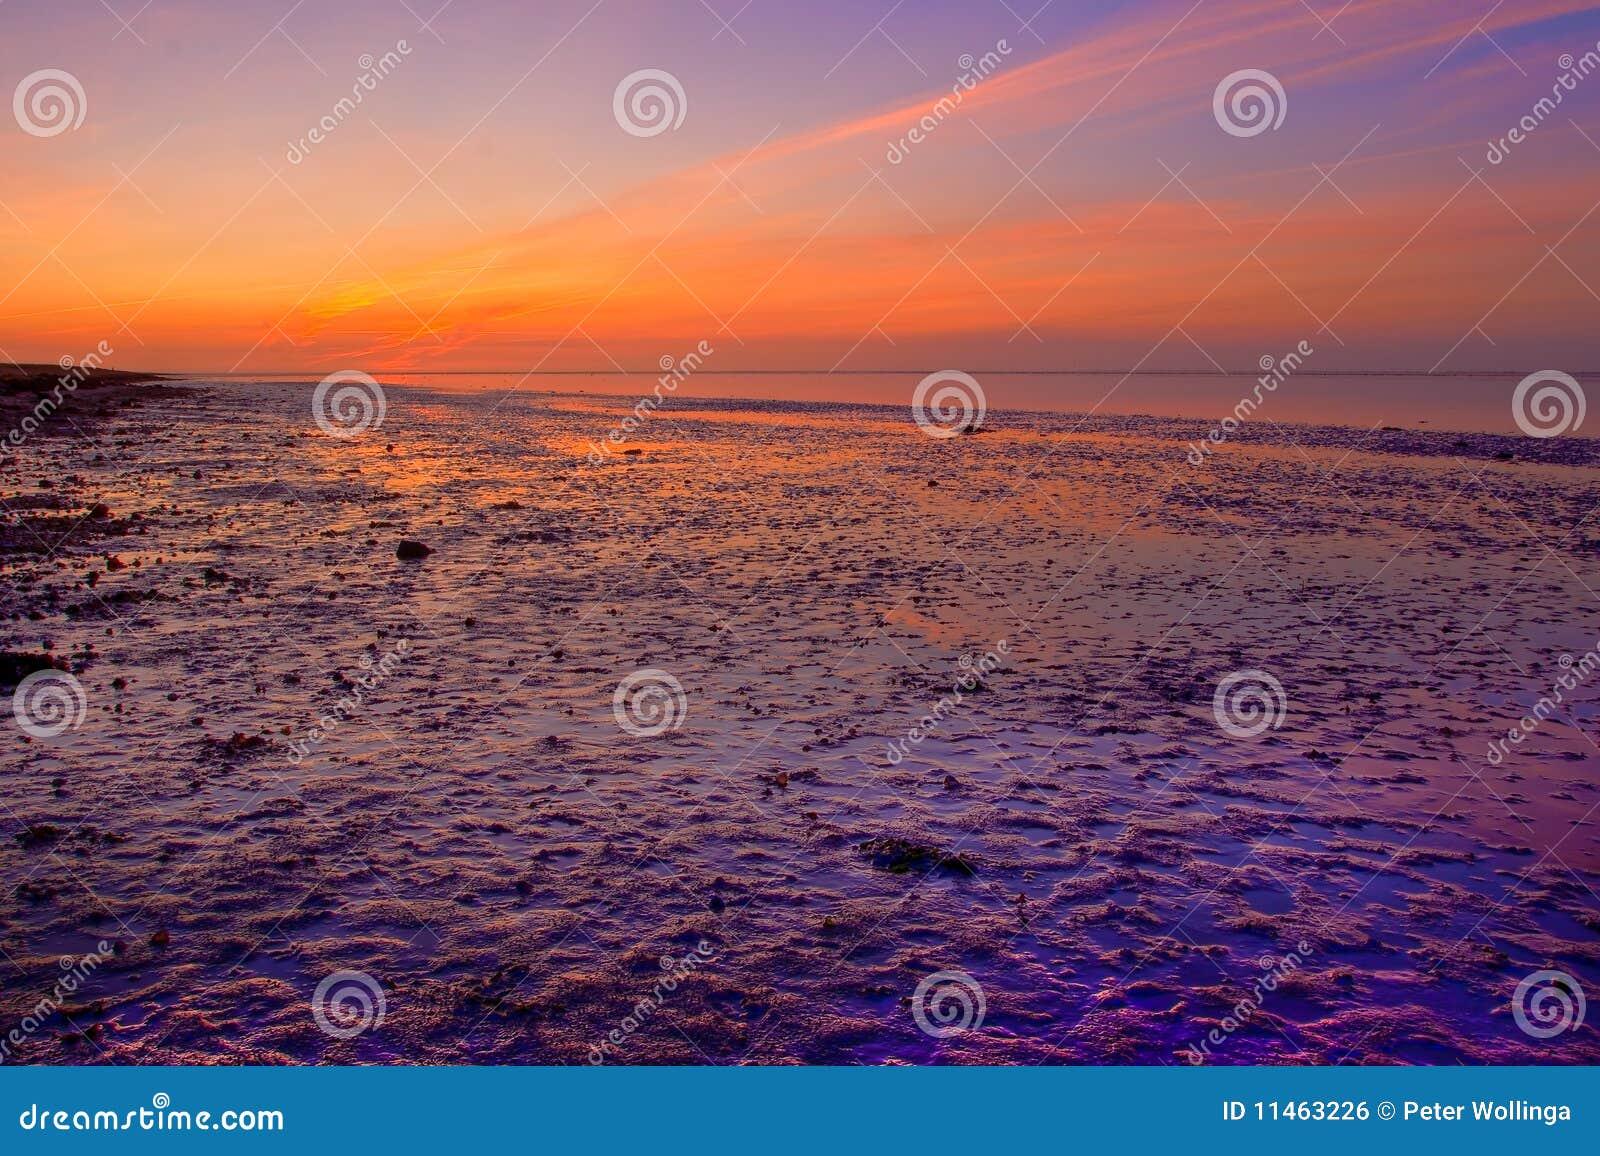 Sonnenaufgang an der Seeküstenlinie